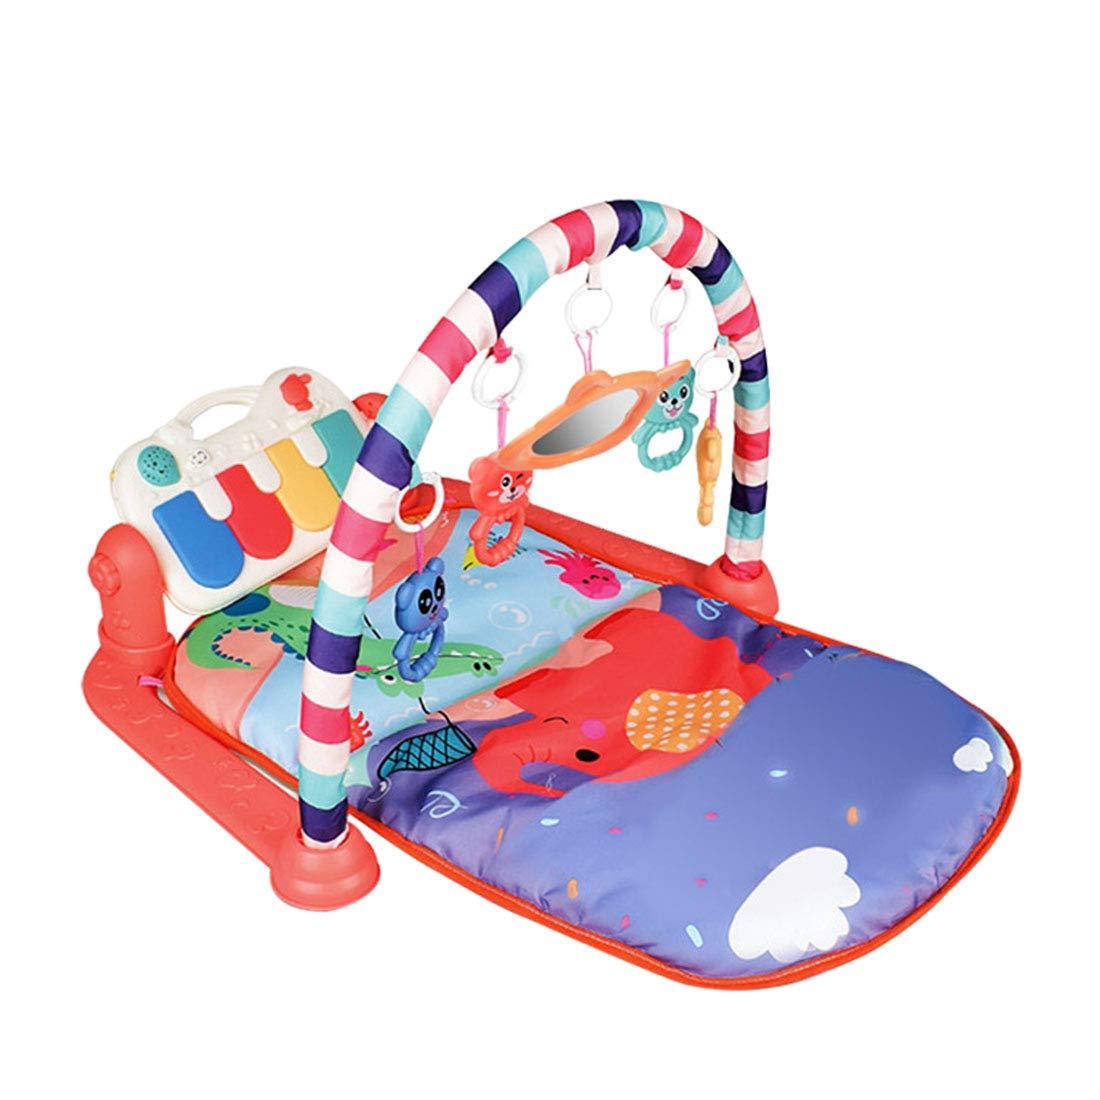 3 en 1 Gimnasio Infantil Bebe con M/úsica y Luces Manta de Juego para Beb/é Yavso Gimnasio Piano Pataditas 76 x 60 x 45cm